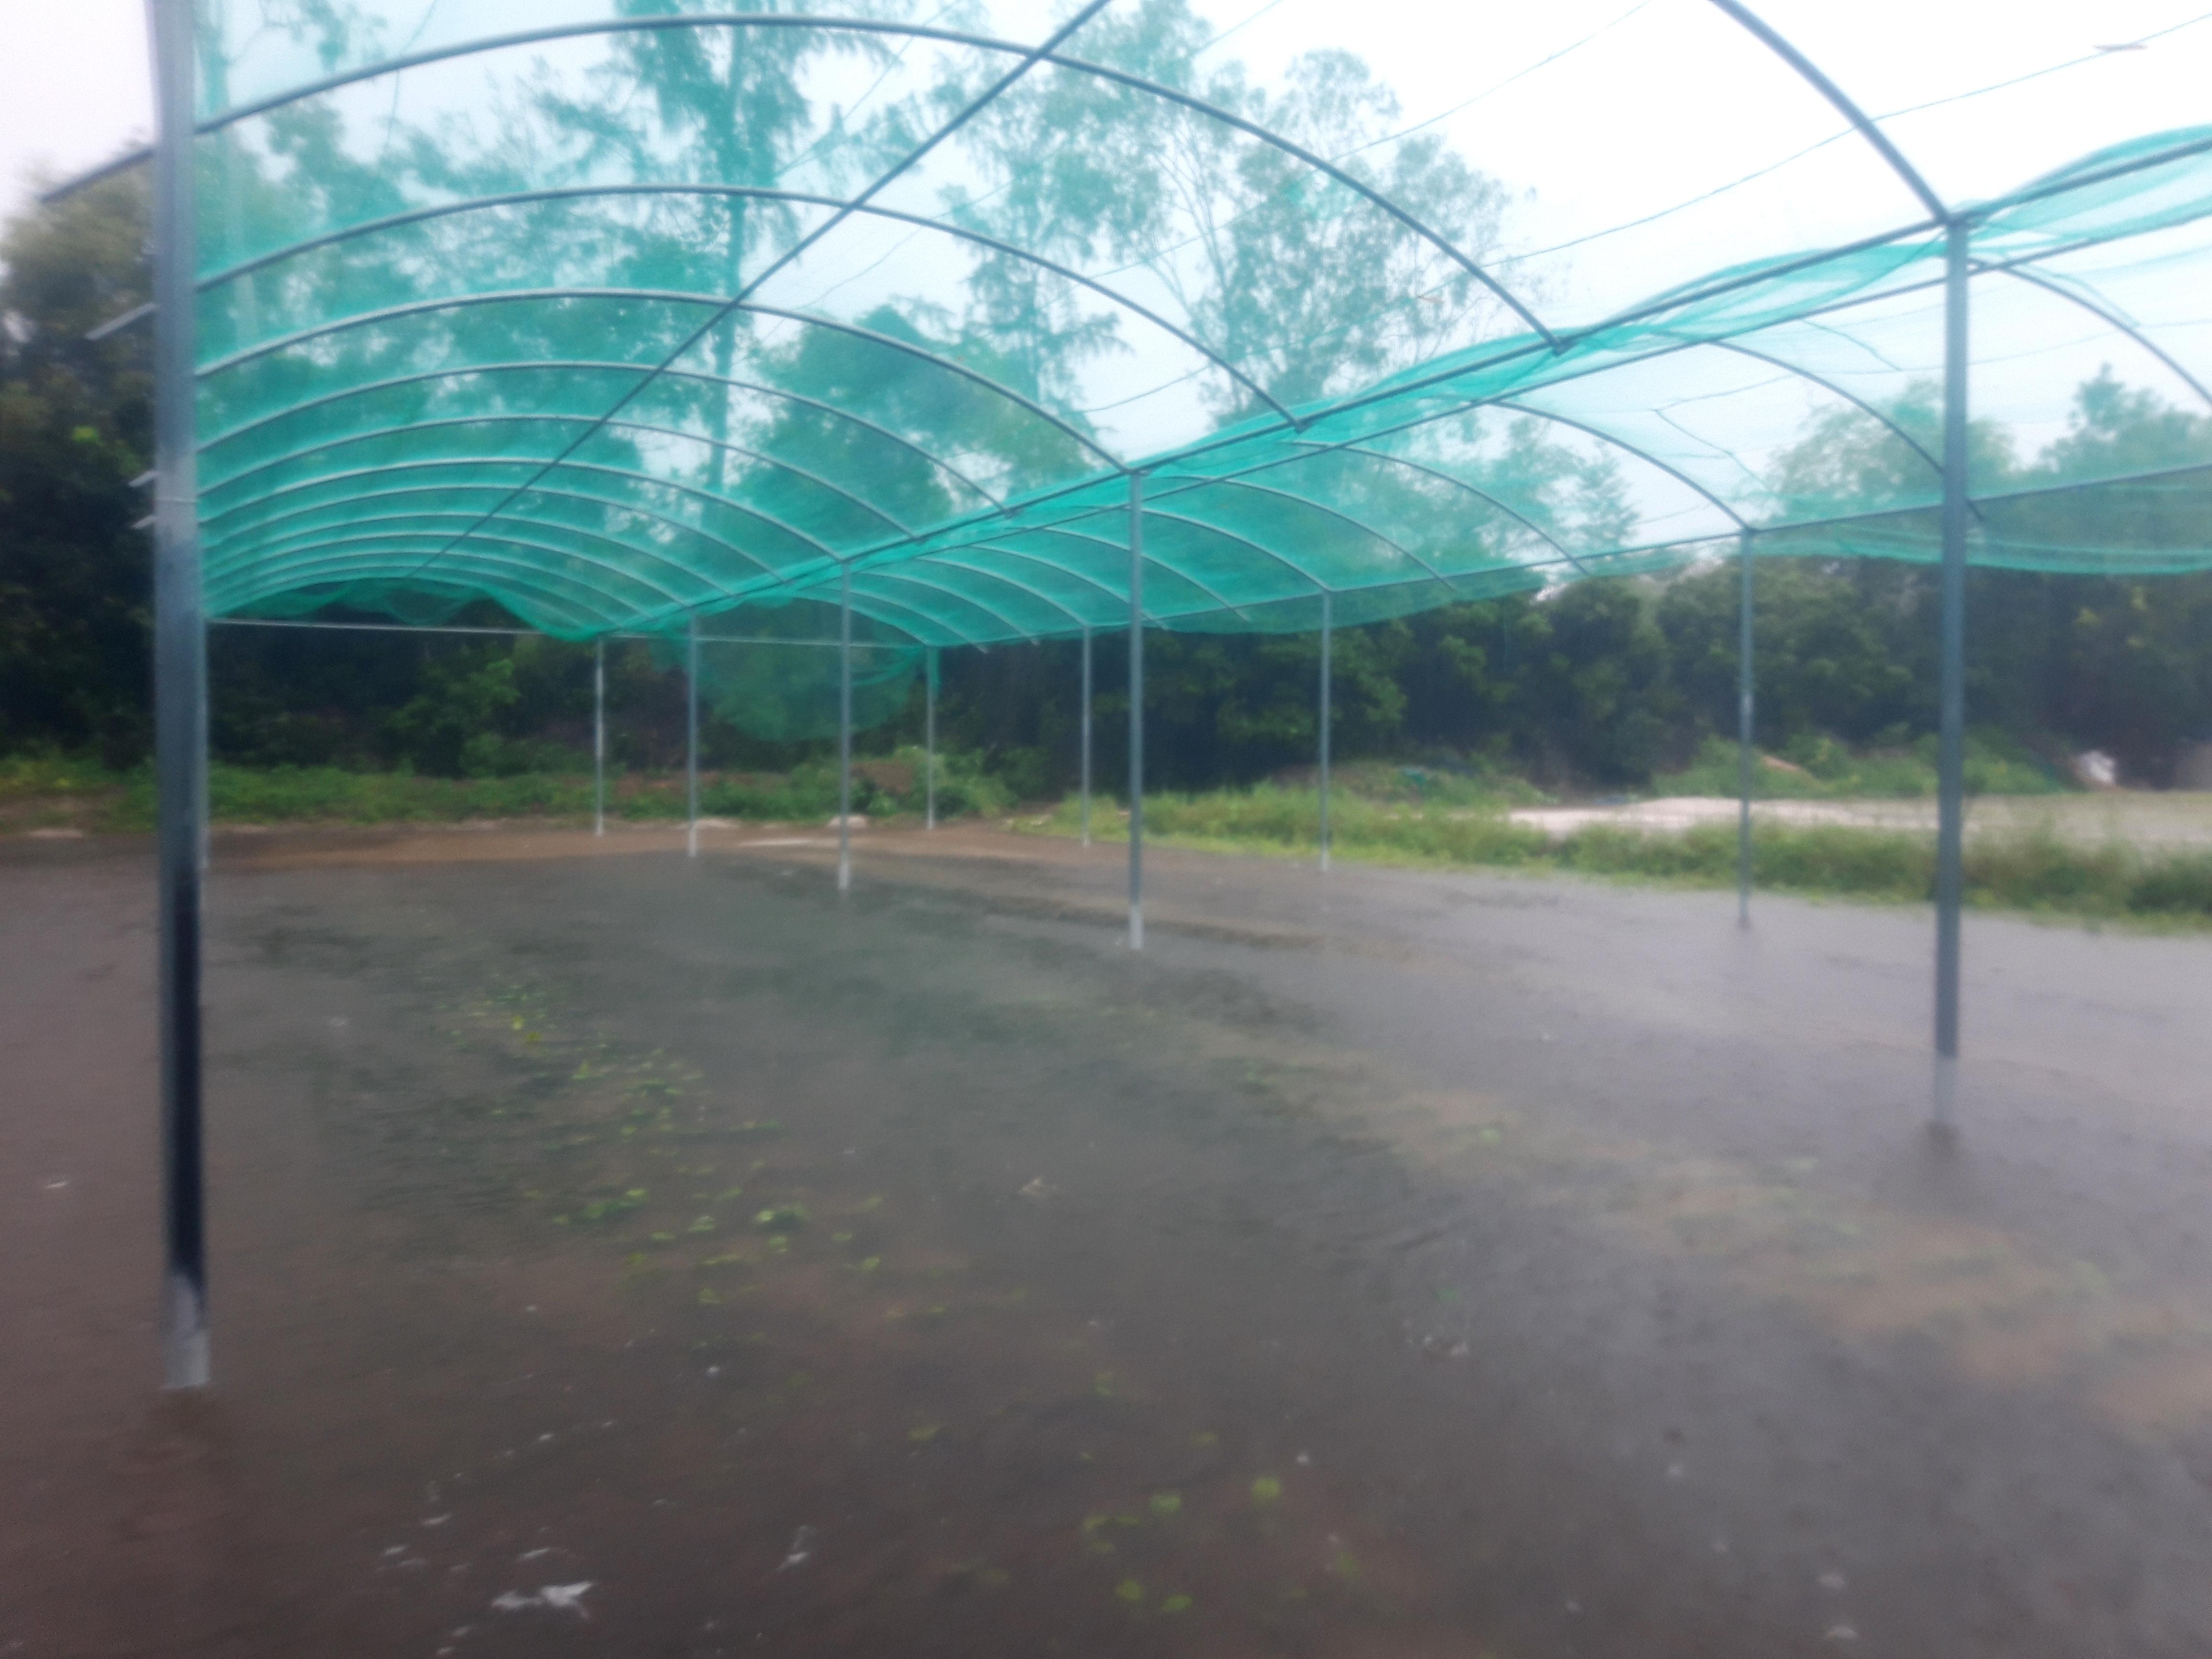 Hơn 400ha rau, quả vụ đông huyện Thăng Bình đang ngập chìm trong nước . Ảnh: Hồ Quân